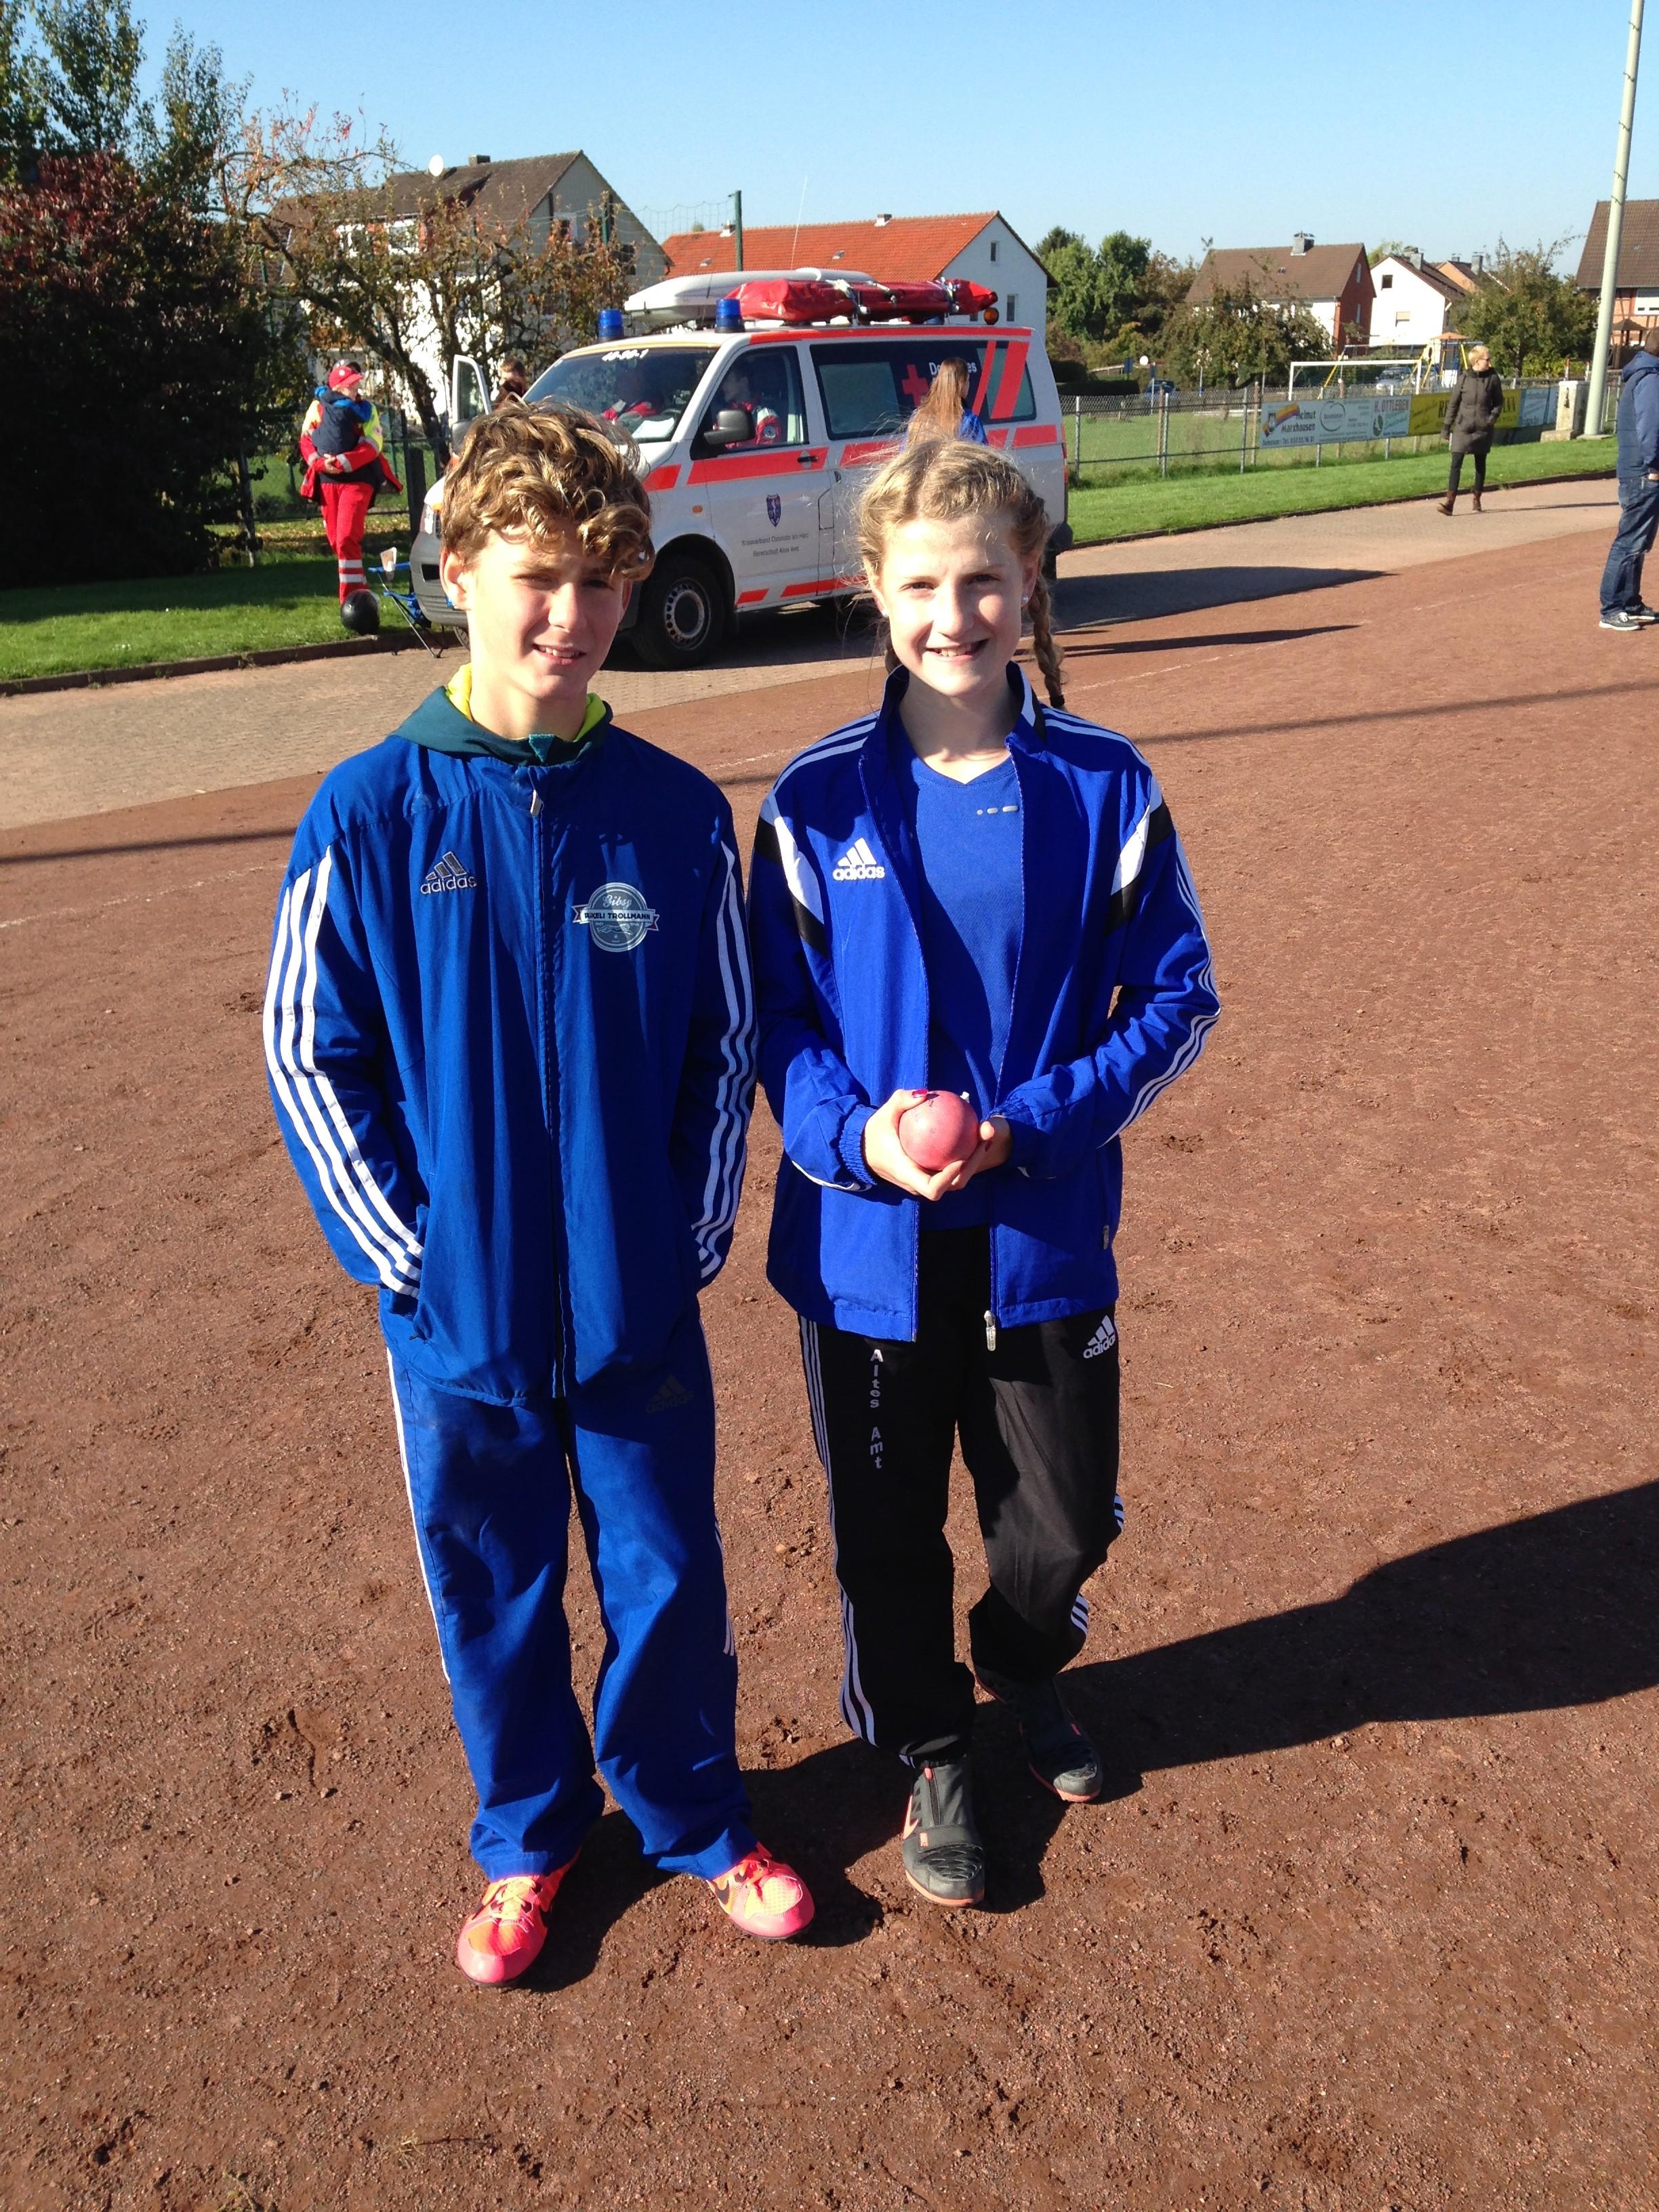 Lara-Noelle Steinbrecher SC Magdeburg und Cristian Ifrim. Zwei große Hoffnungen in der Leichtathletik